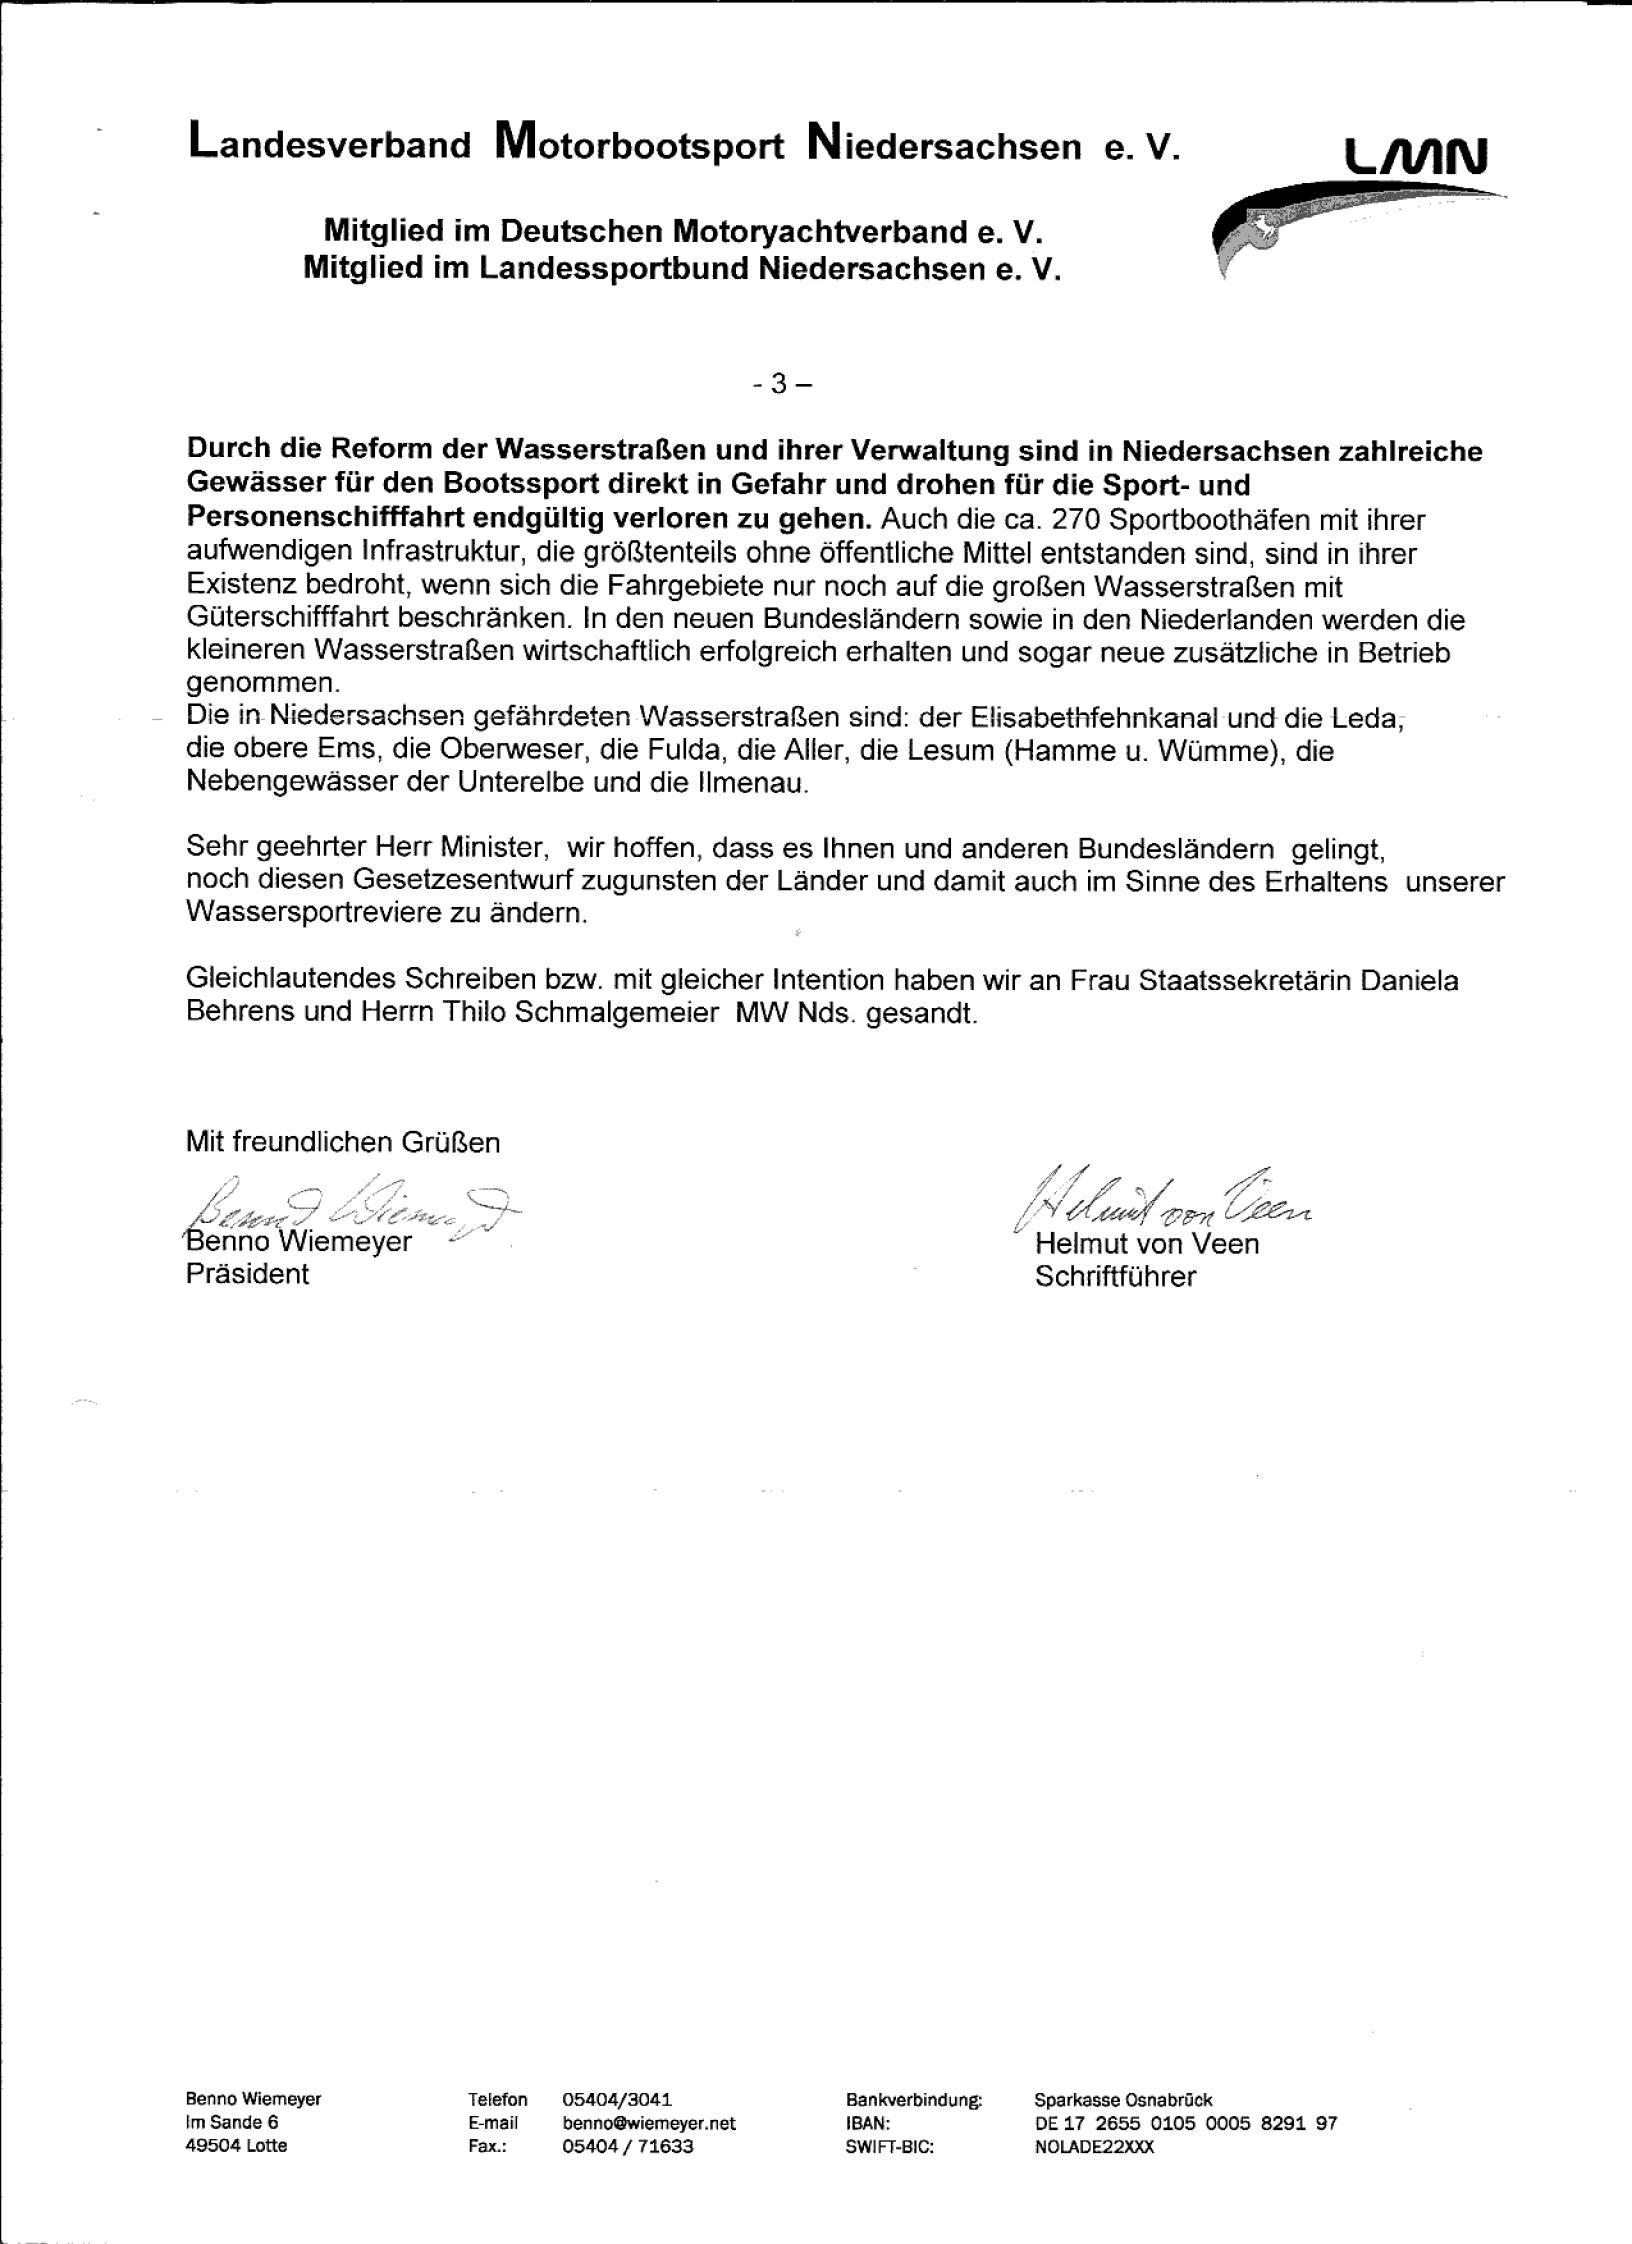 160229_LMN Landesverband Motorbootsport Niedersachsen e.V_Stellungnahme_3